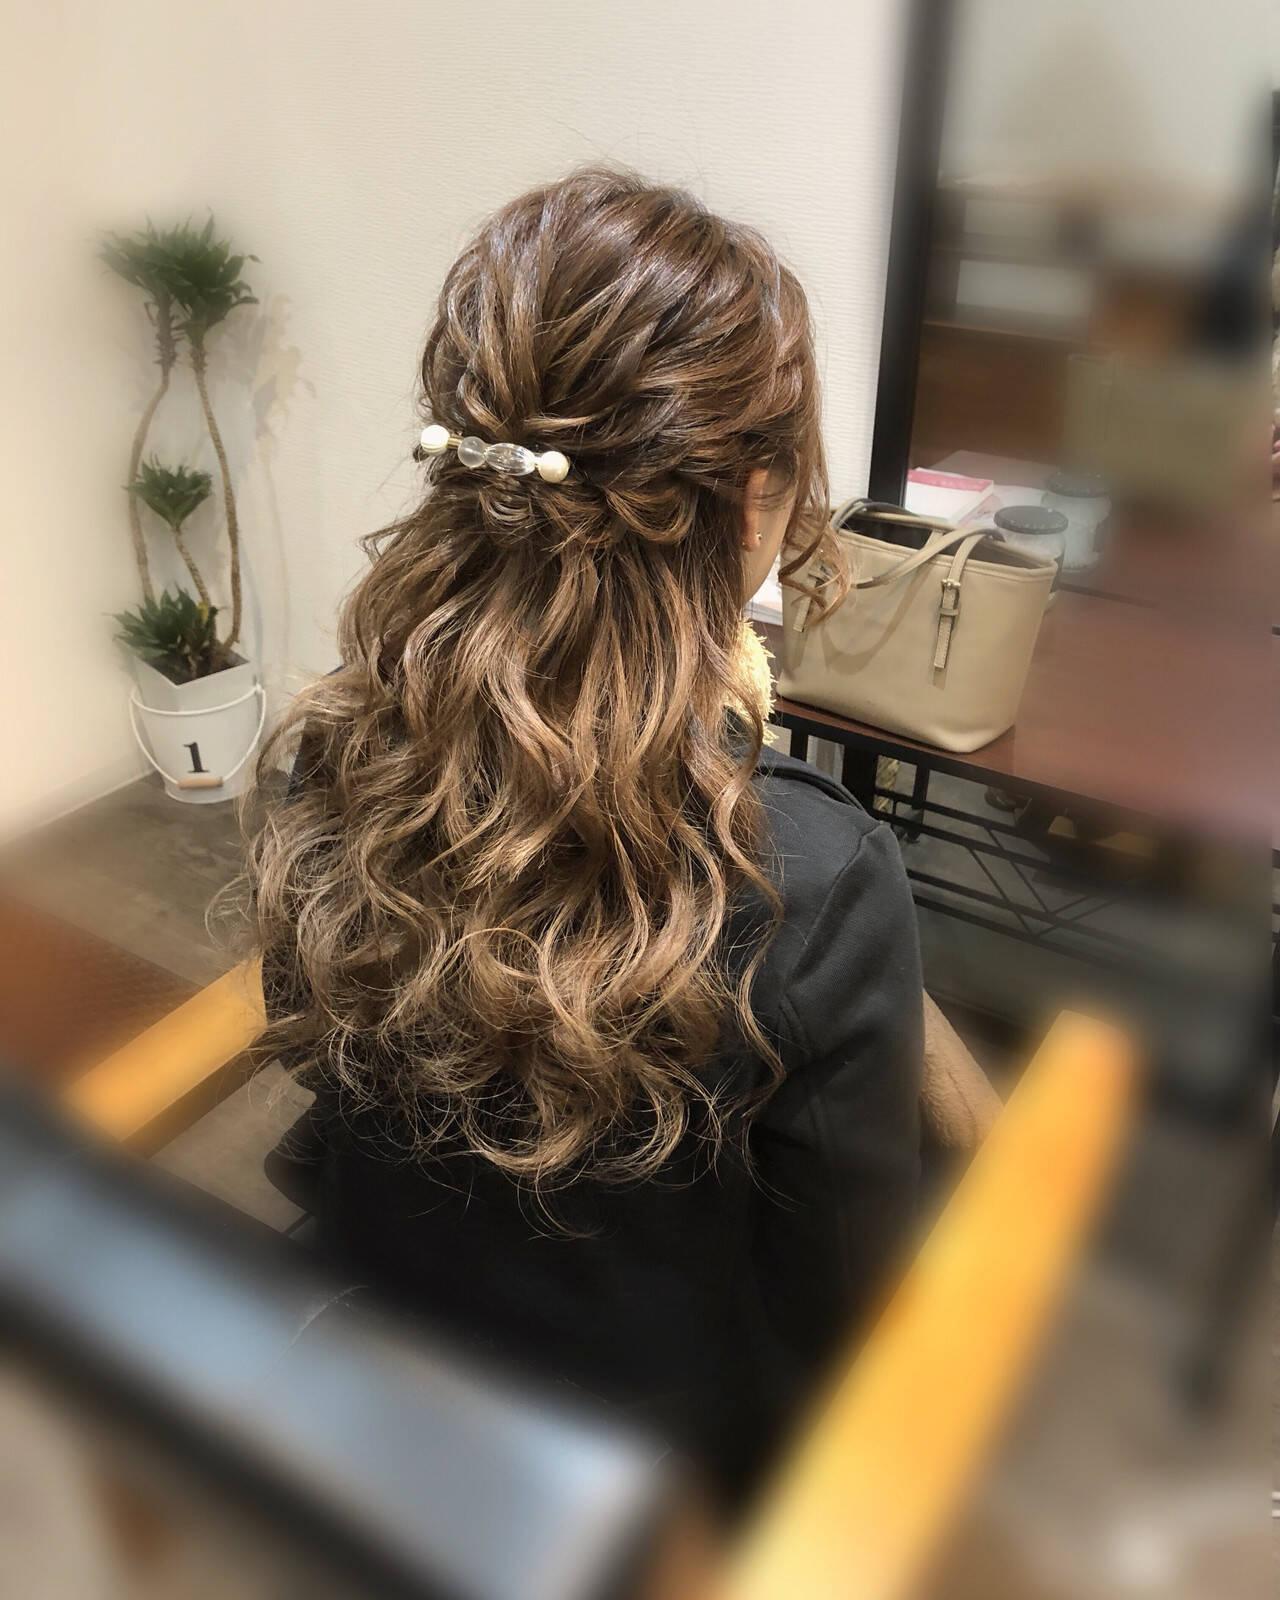 ヘアアレンジ 編み込みヘア ロング フェミニンヘアスタイルや髪型の写真・画像